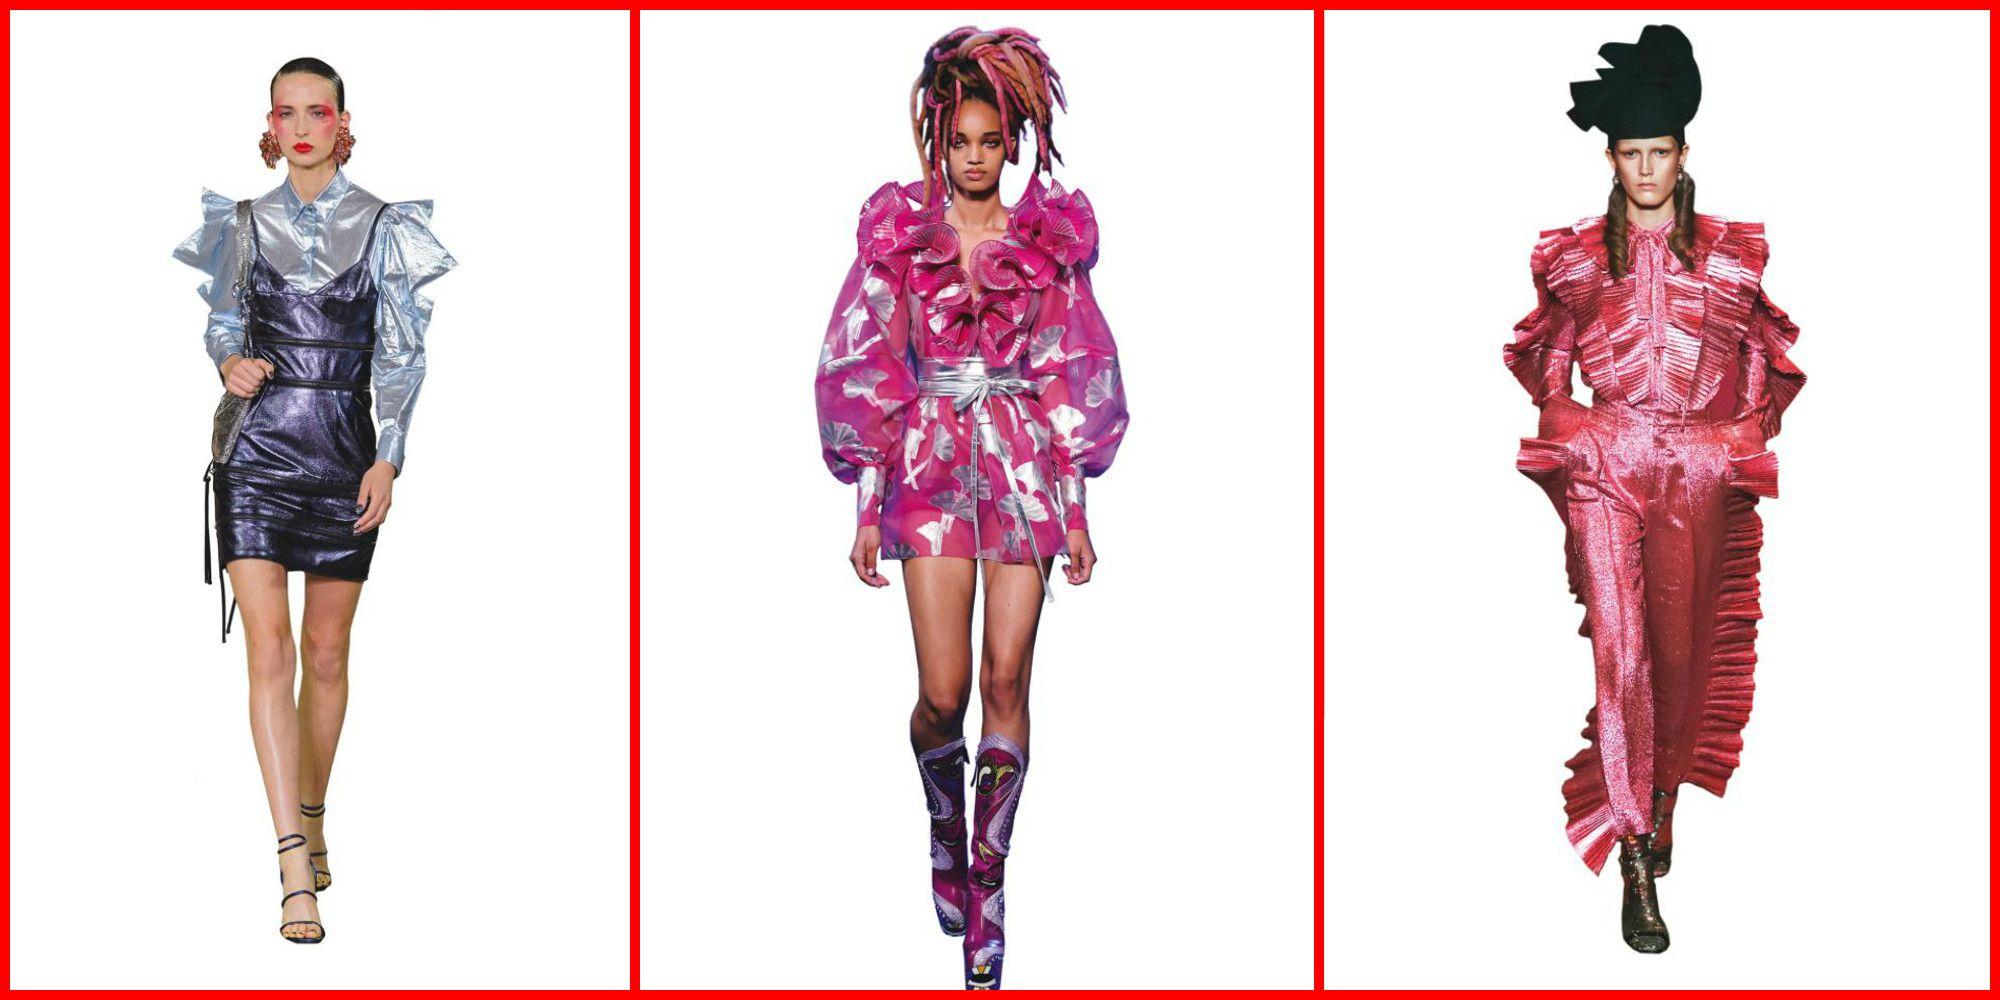 Abbigliamento Da Sera Anni 80.Look Anni 80 23 Outfit Glam Dalle Sfilate Per La Primavera Estate